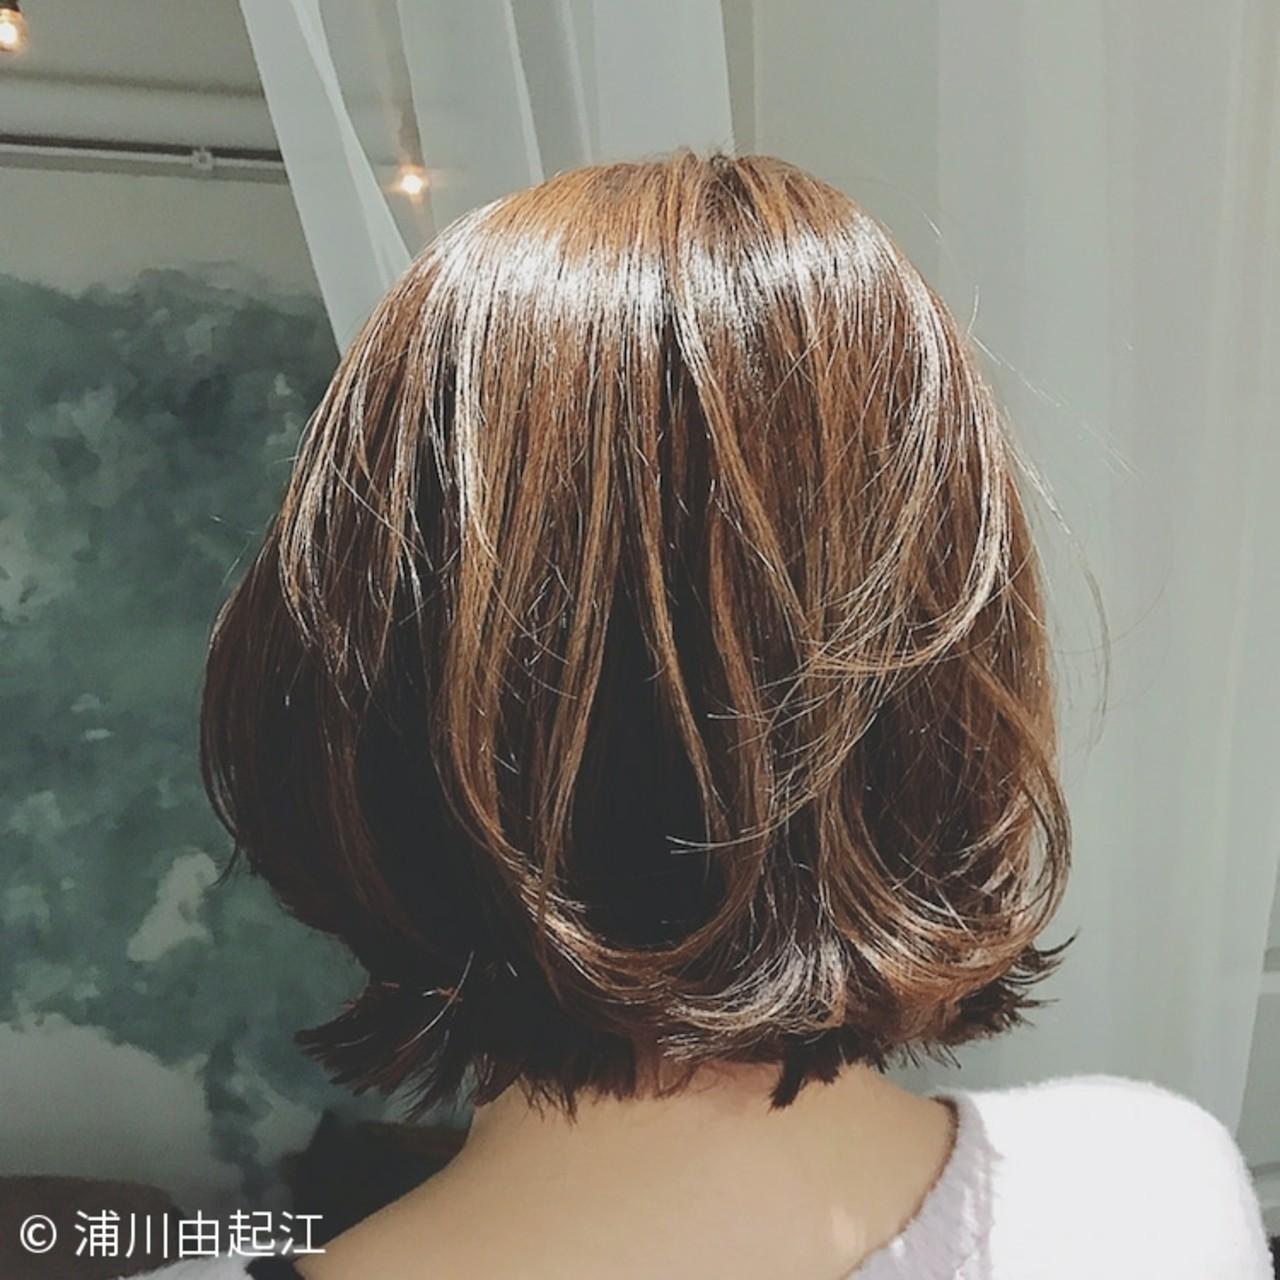 グラデーションカラー デート ボブ フェミニン ヘアスタイルや髪型の写真・画像